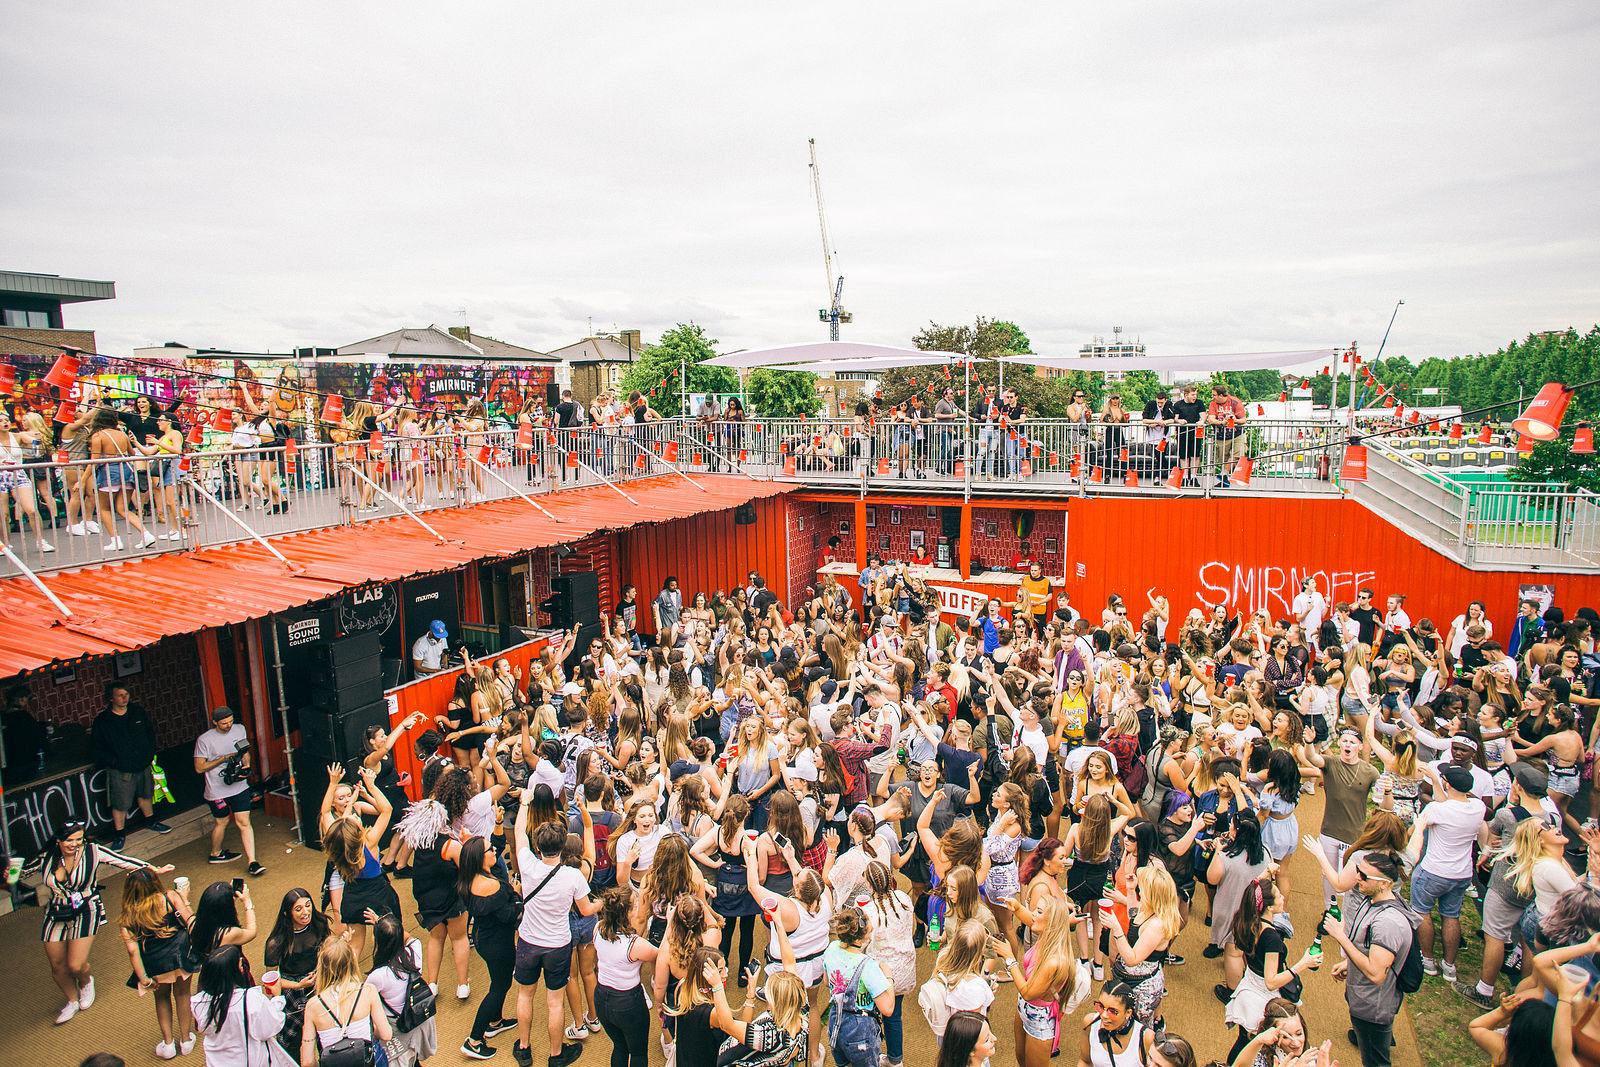 Wireless Festival 2016